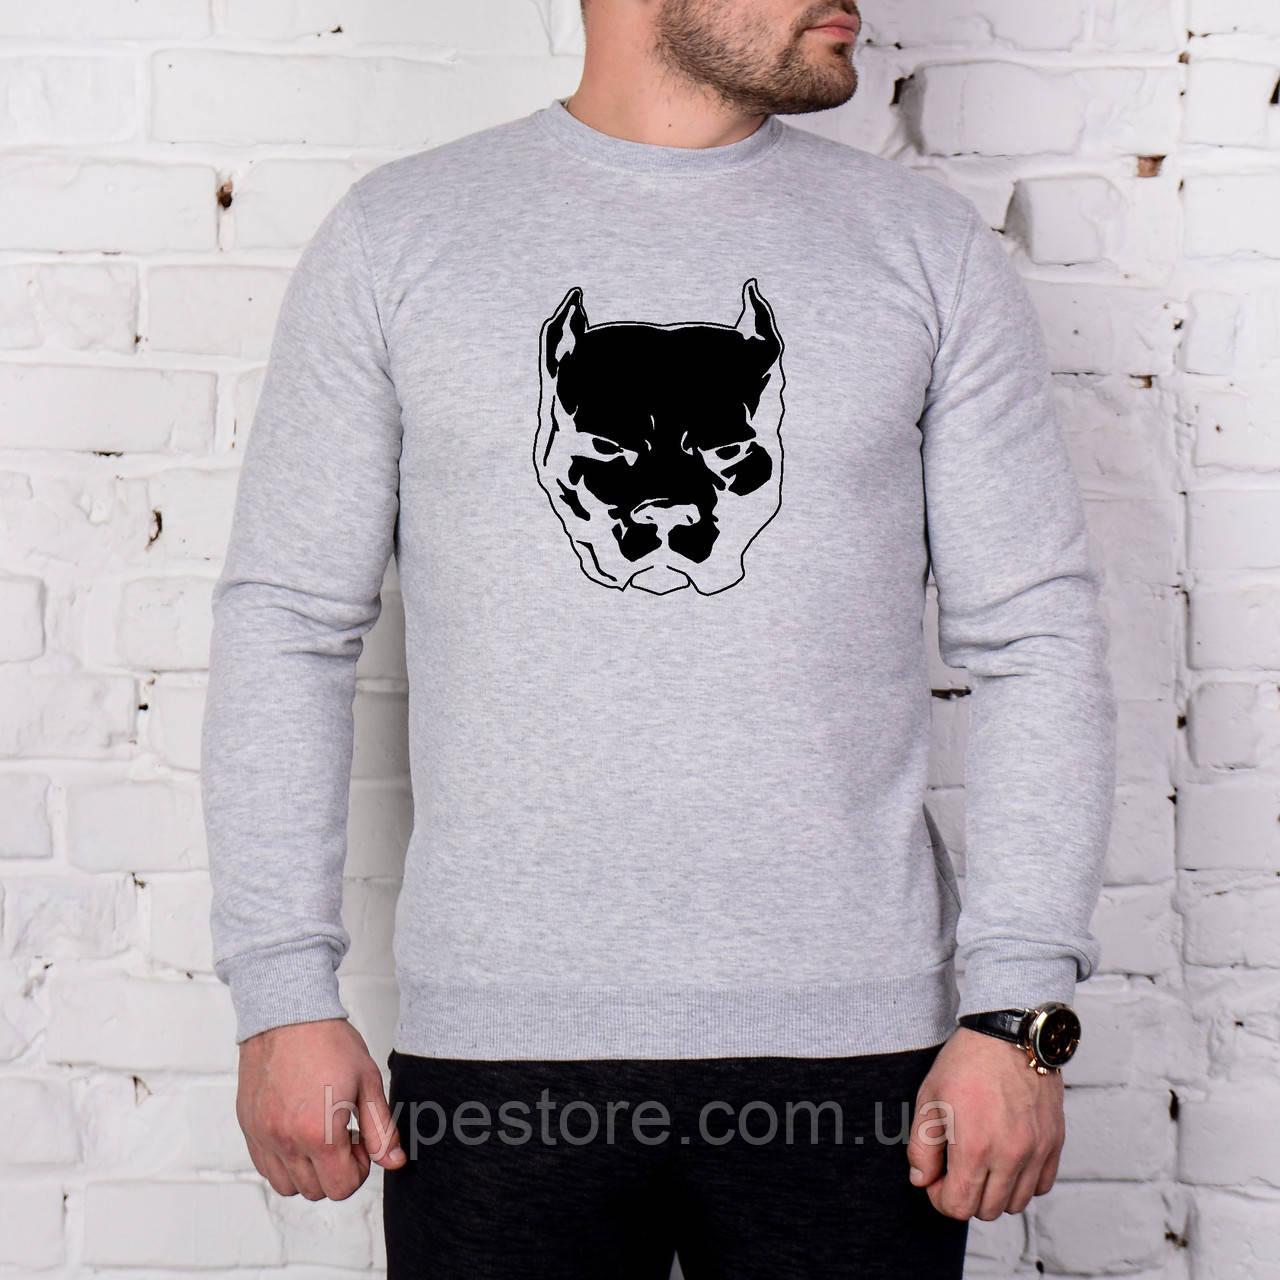 Мужской спортивный серый свитшот, кофта, лонгслив, реглан Smotra, Pitbull, Реплика